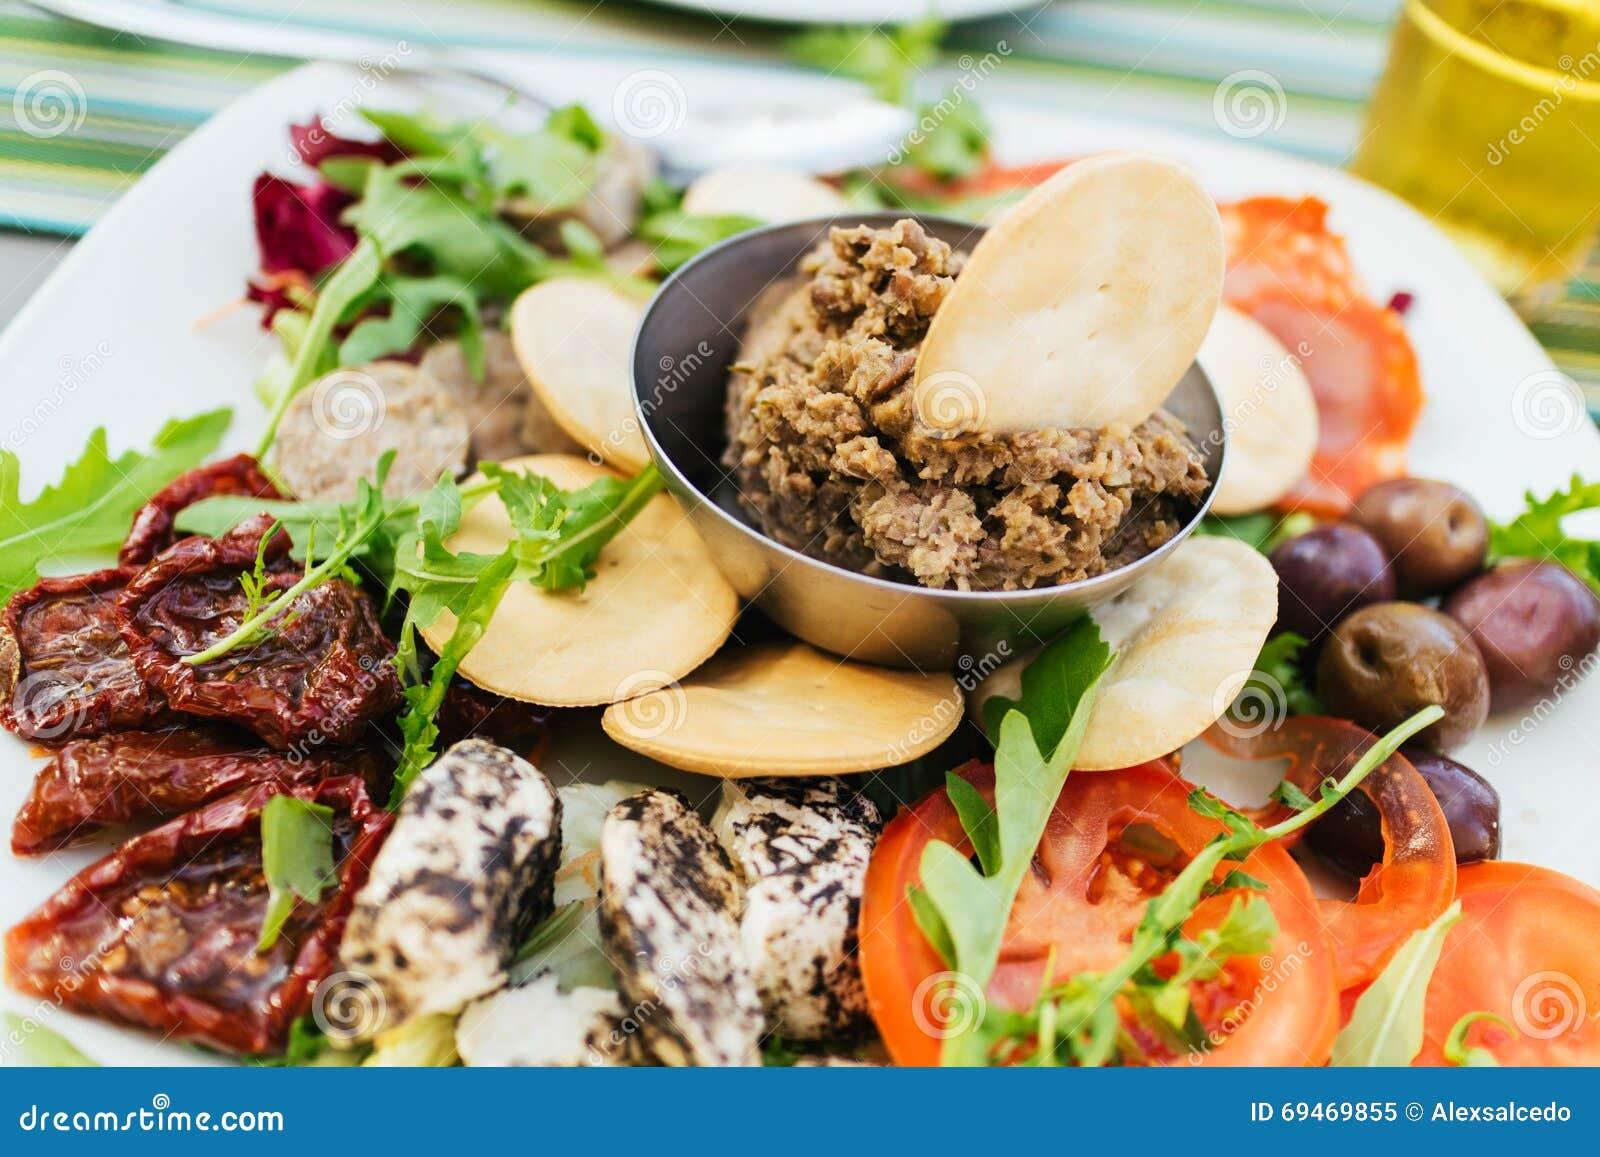 Healthy Fresh Food Diet